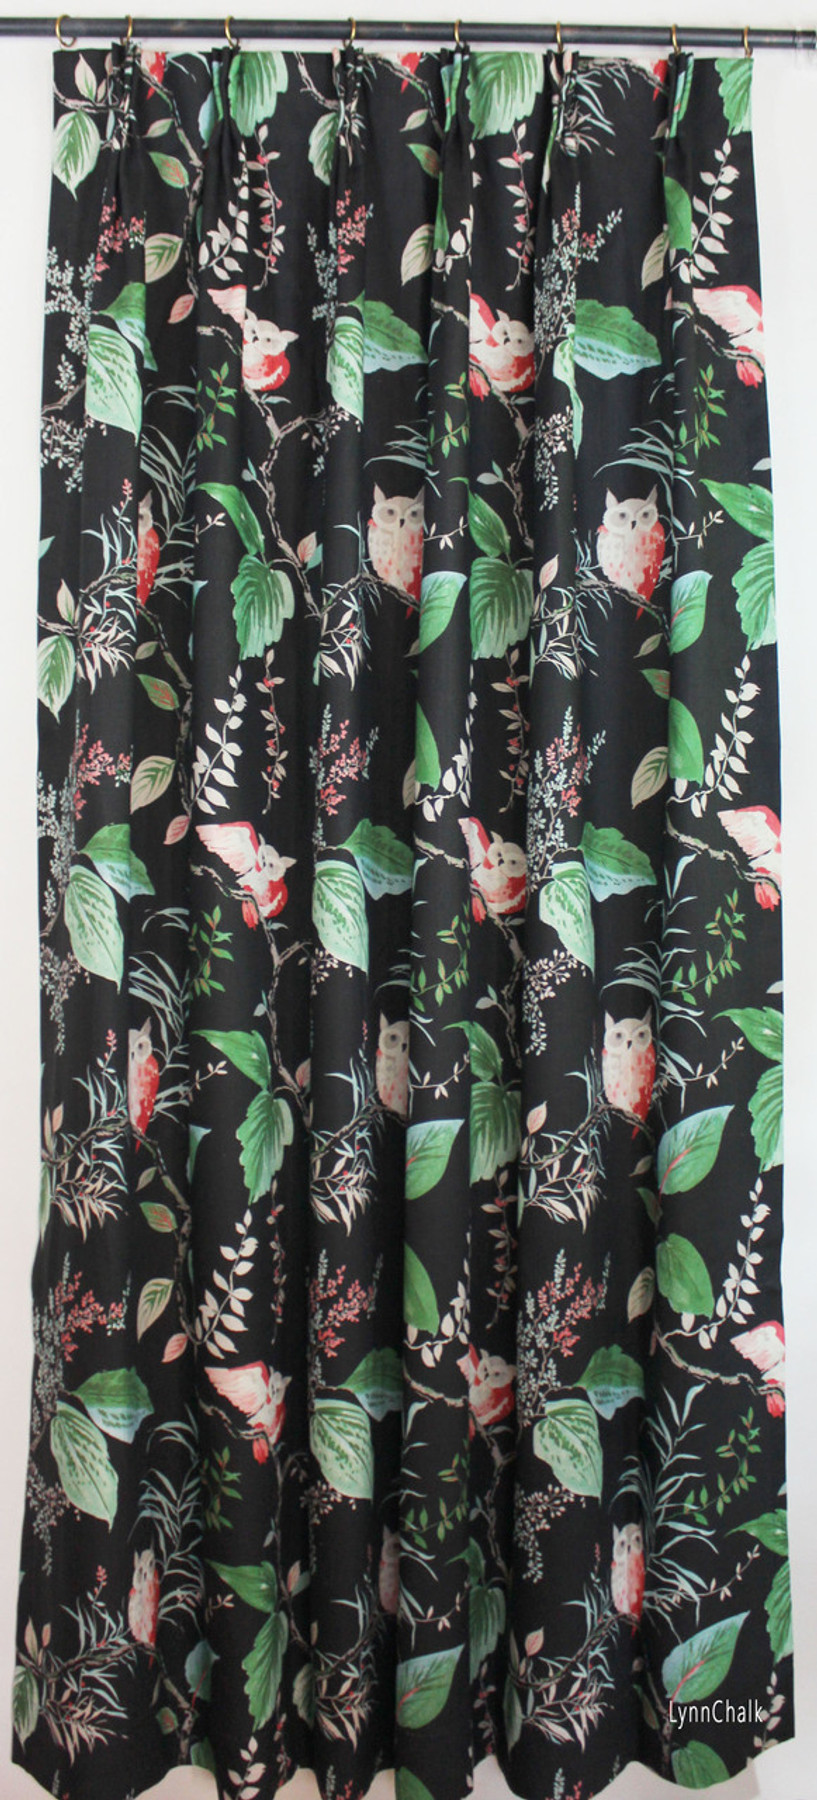 Custom Drapes in Kate Spade Owlish in Black